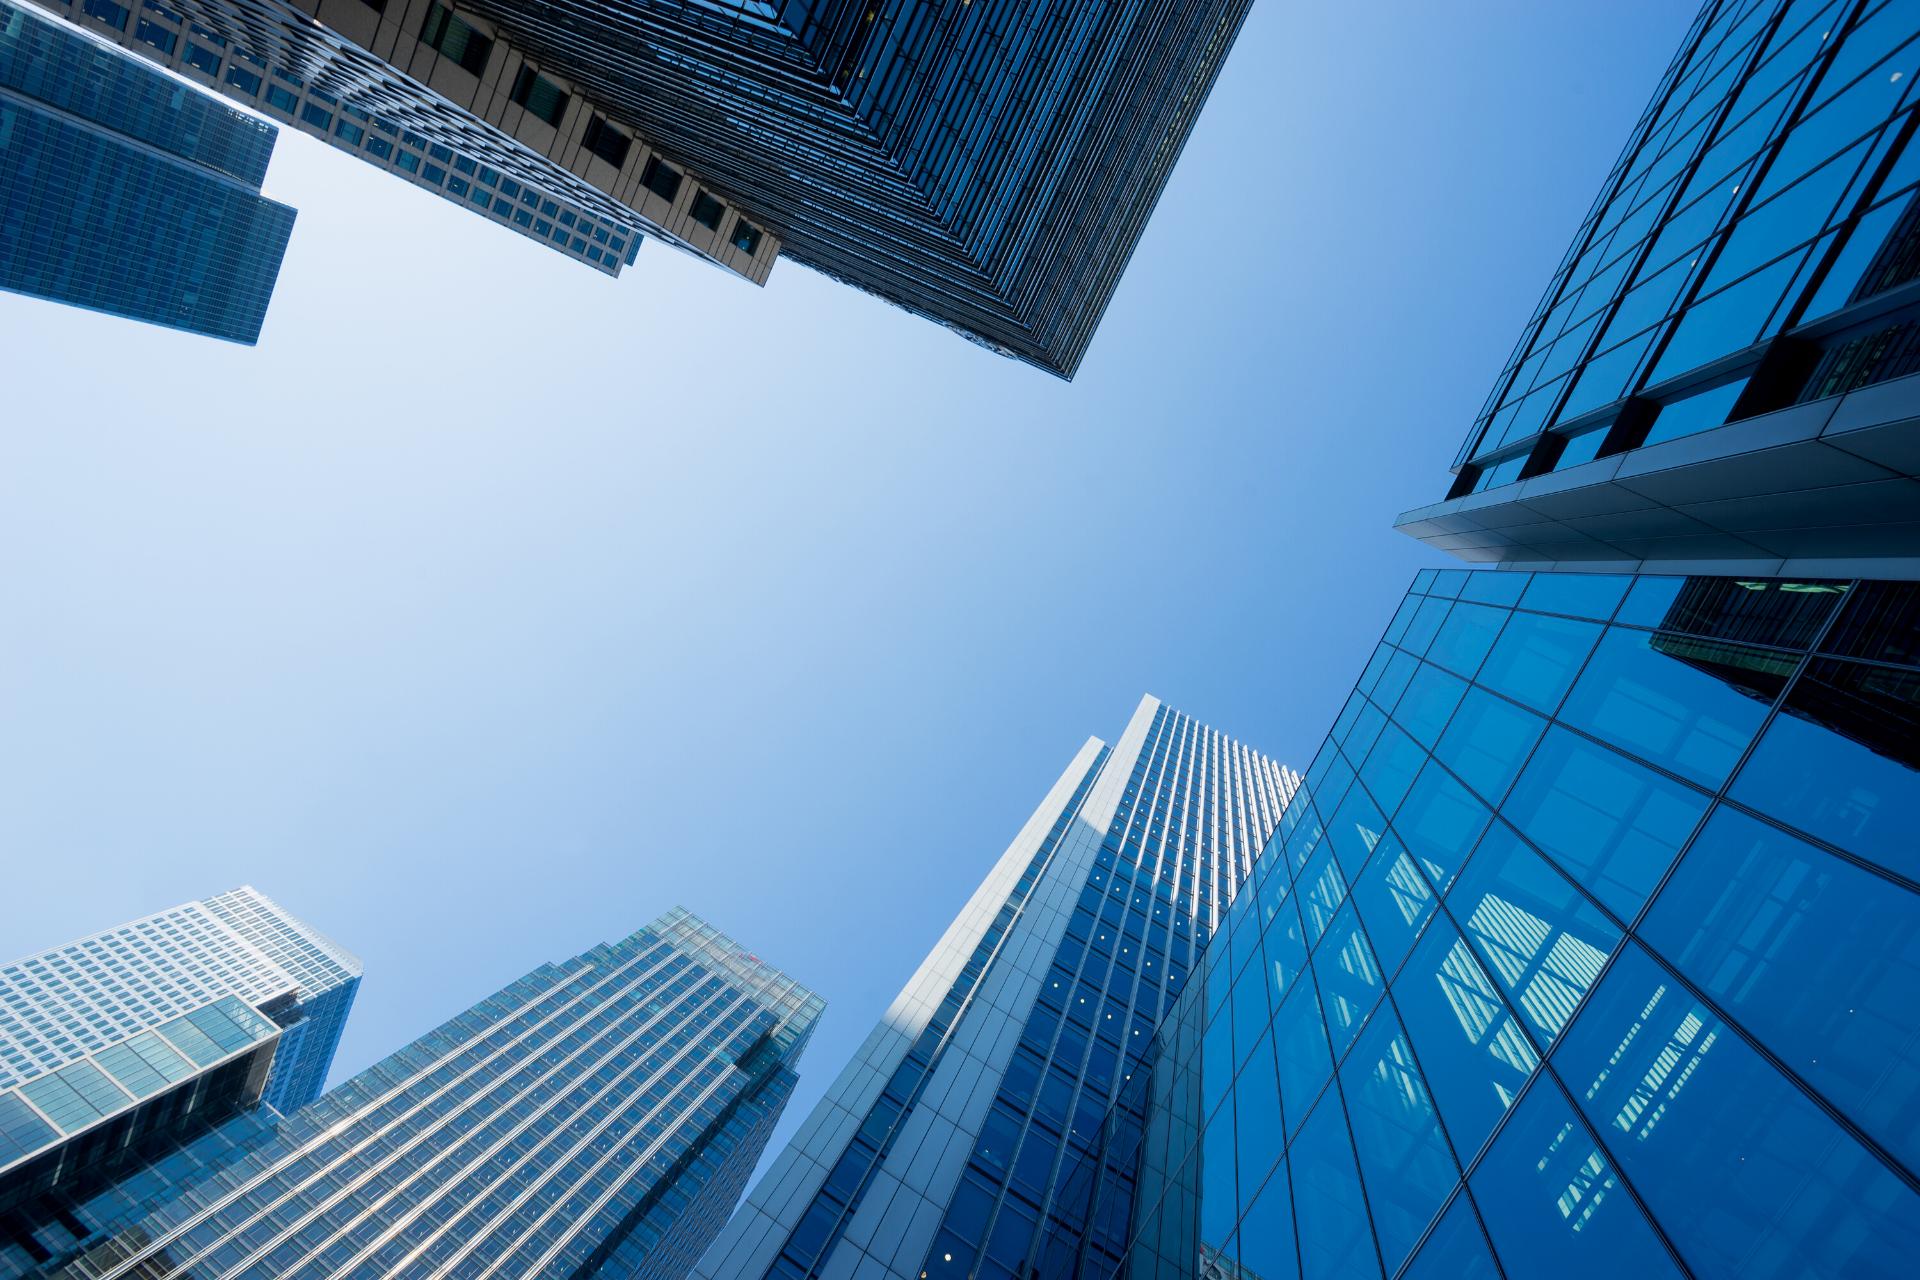 Quels sont les avantages fiscaux et juridiques d'une holding ?